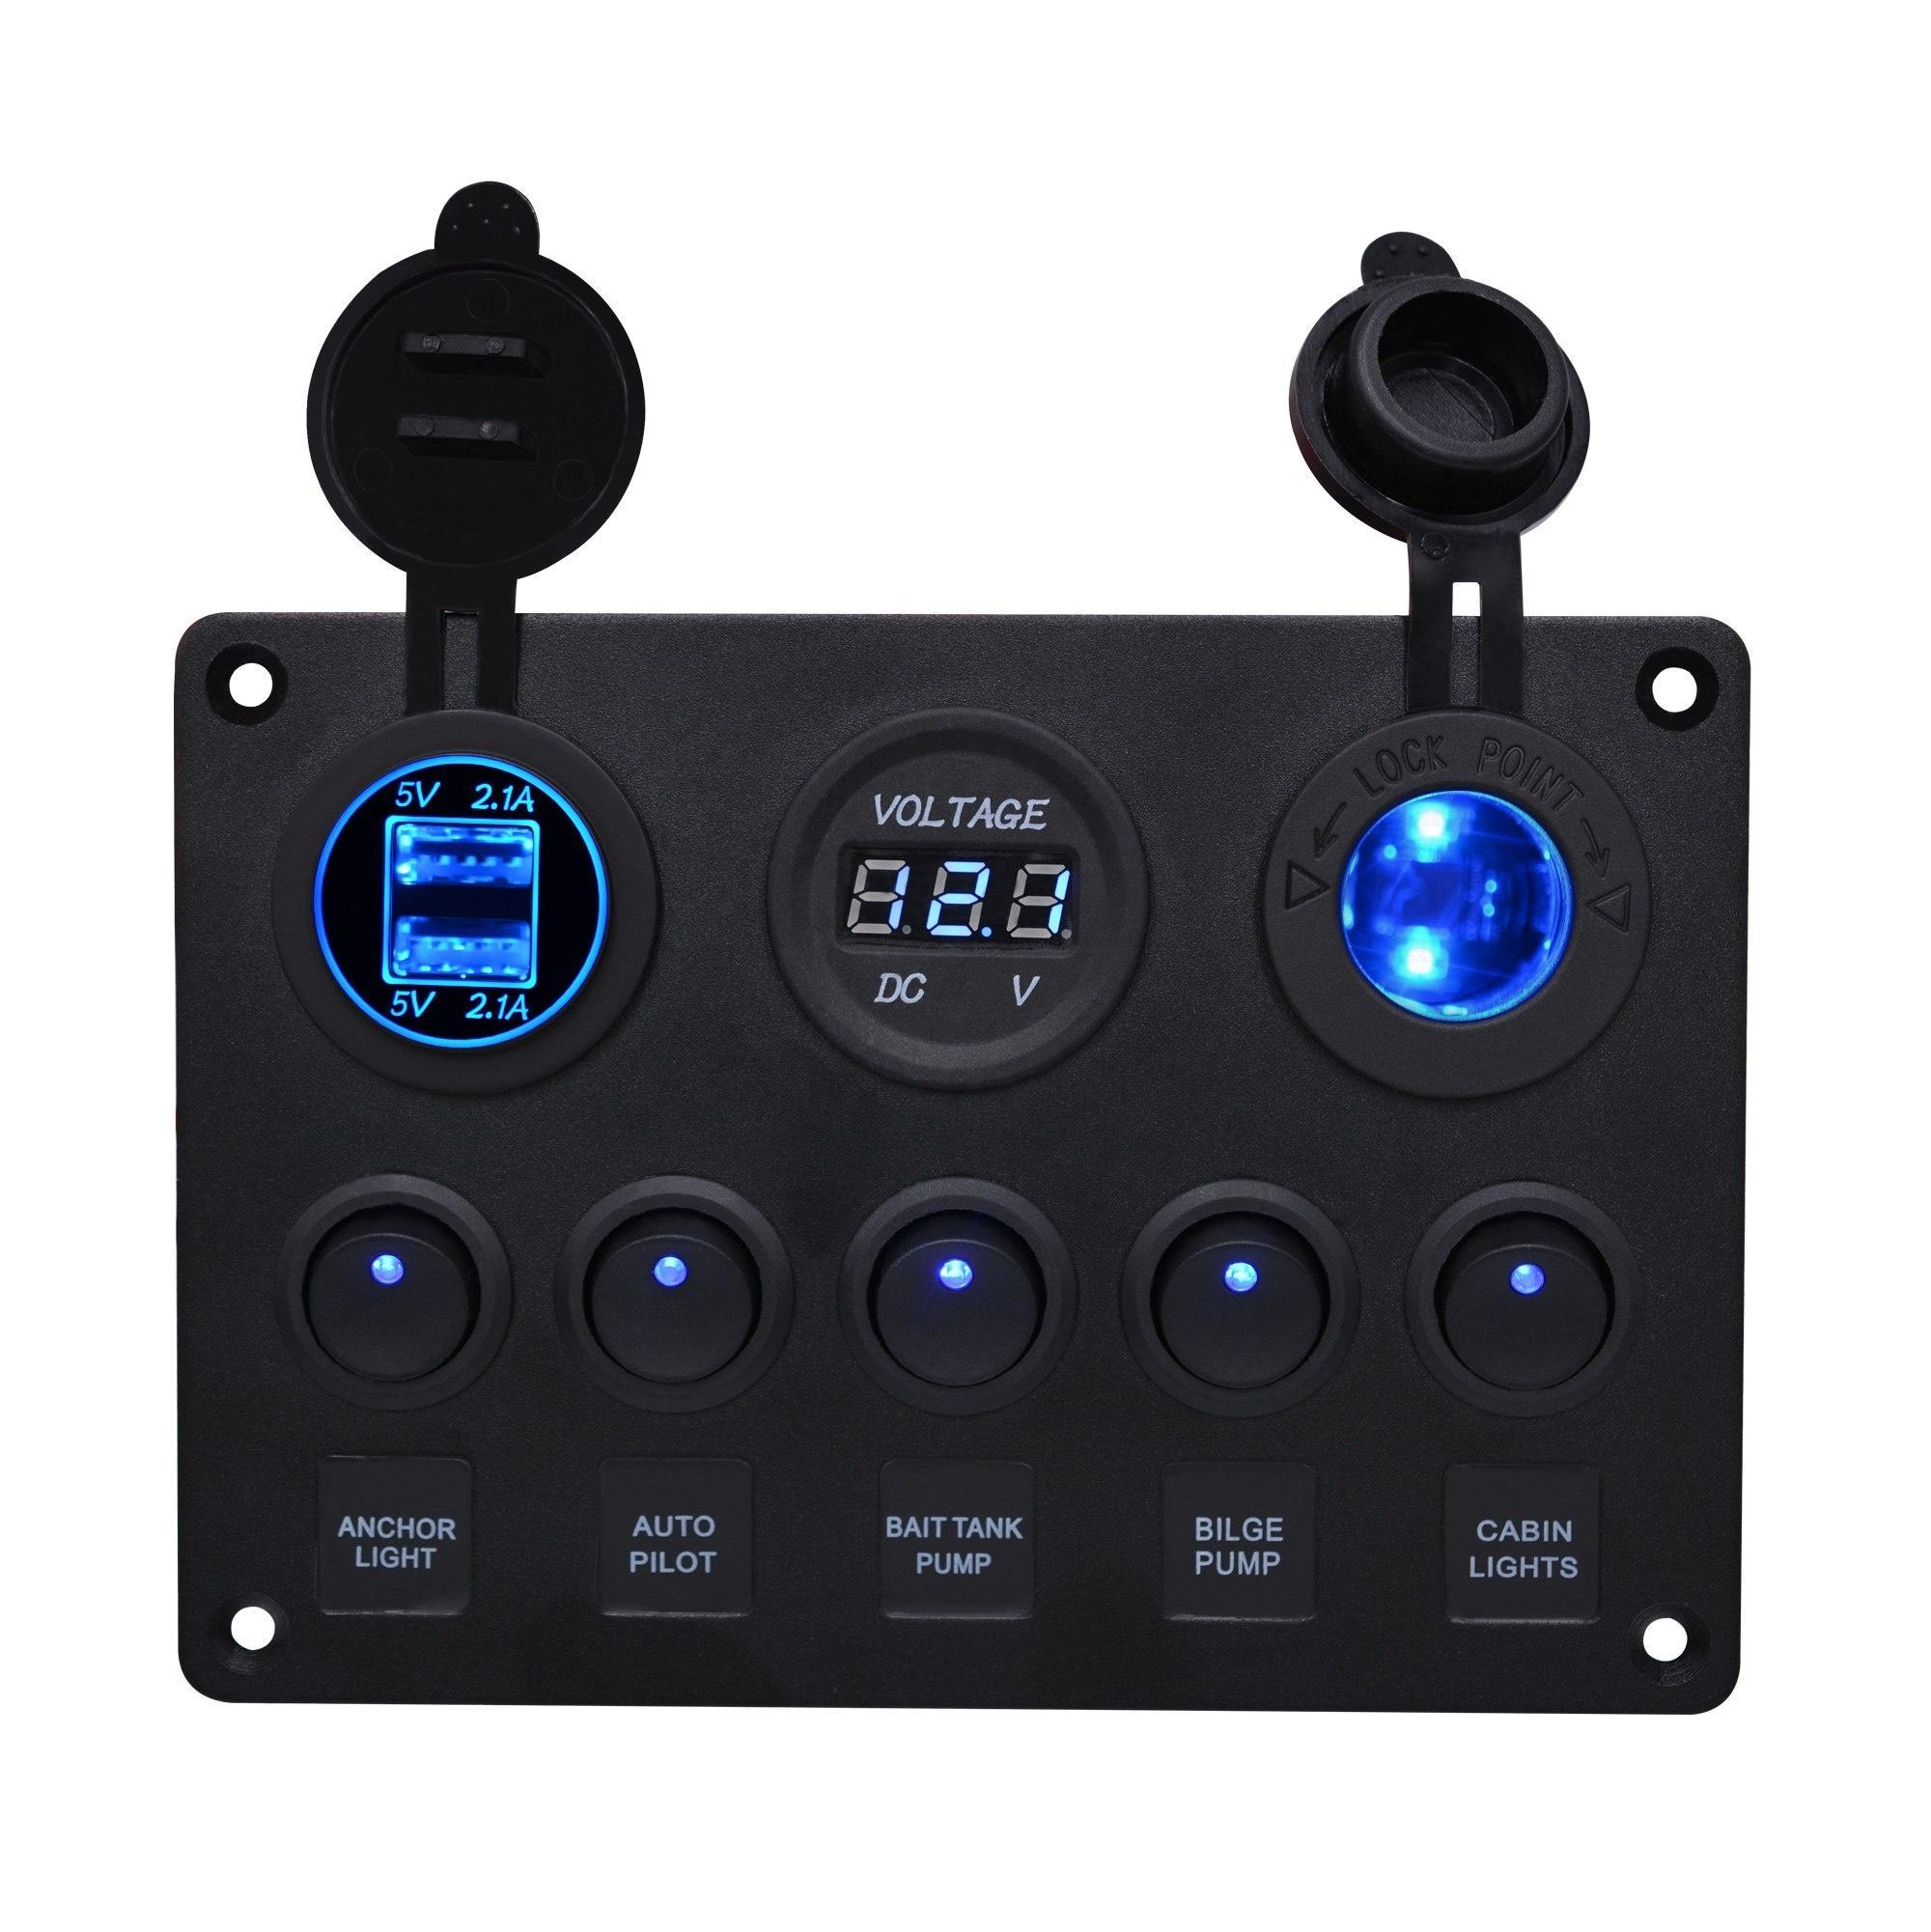 Interruttore 12V 5 Gang in auto per barche a bilanciere con Voltmetro Dual USB / Off Interruttore a bilanciere IP65 pannello interruttori Barca blu LED5 pin su CS-666A